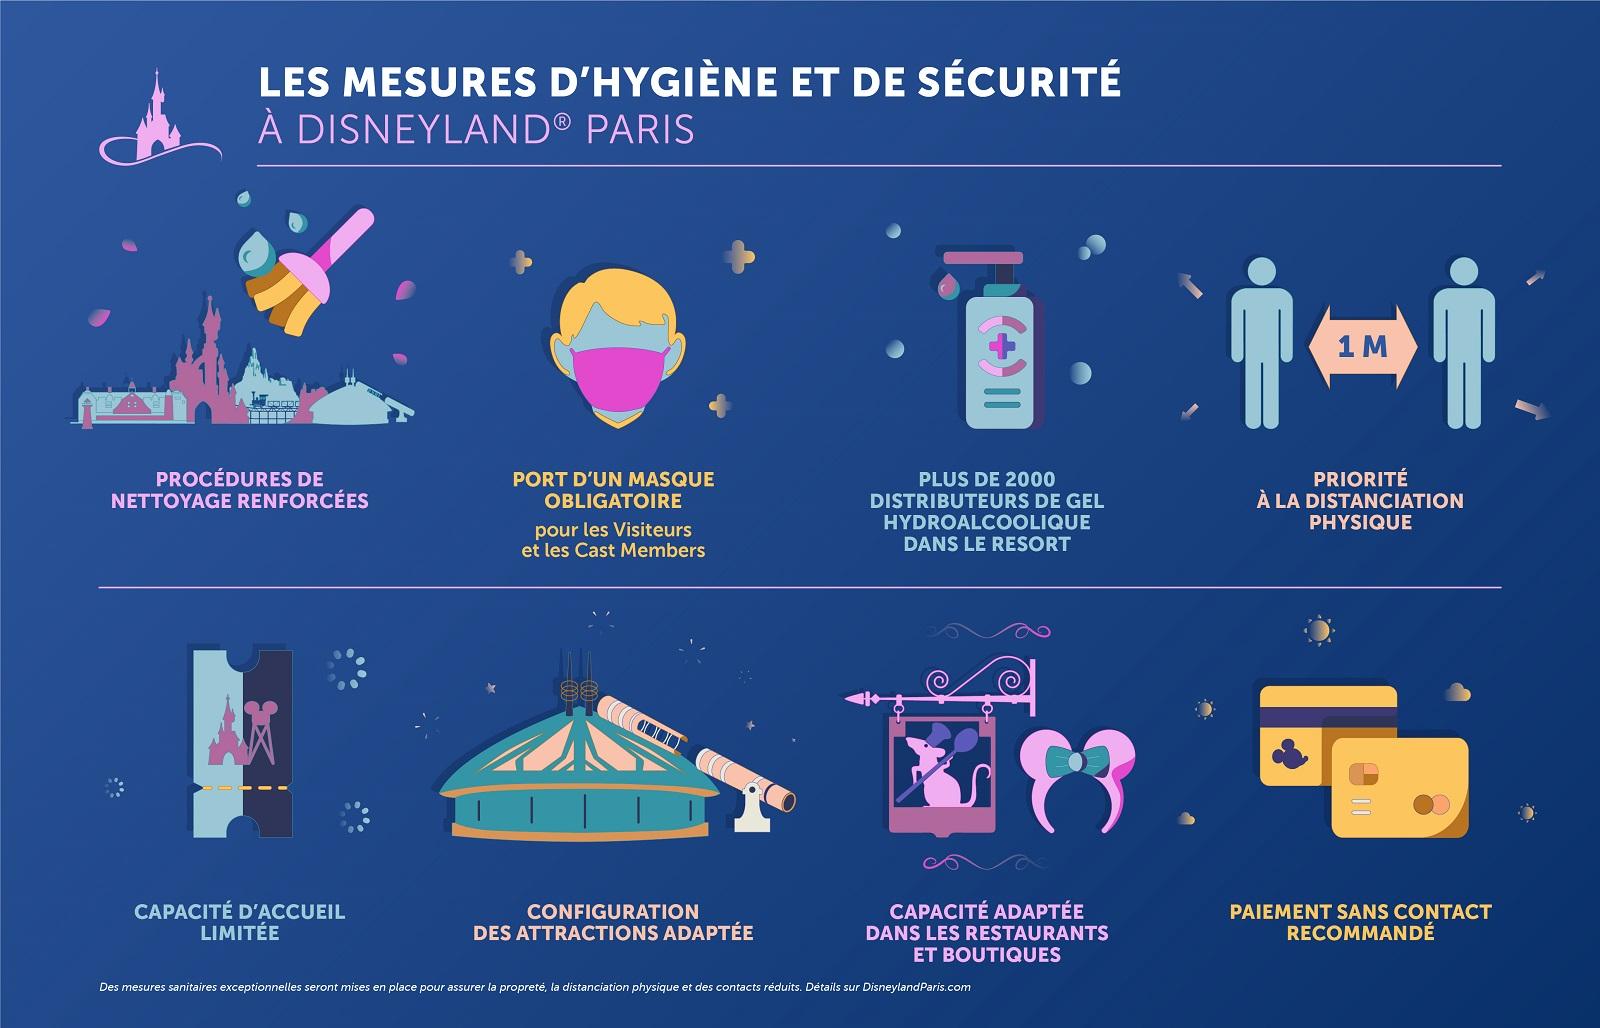 Les mesures sanitaires pour la réouverture de Disneyland Paris le 17 juin 2021